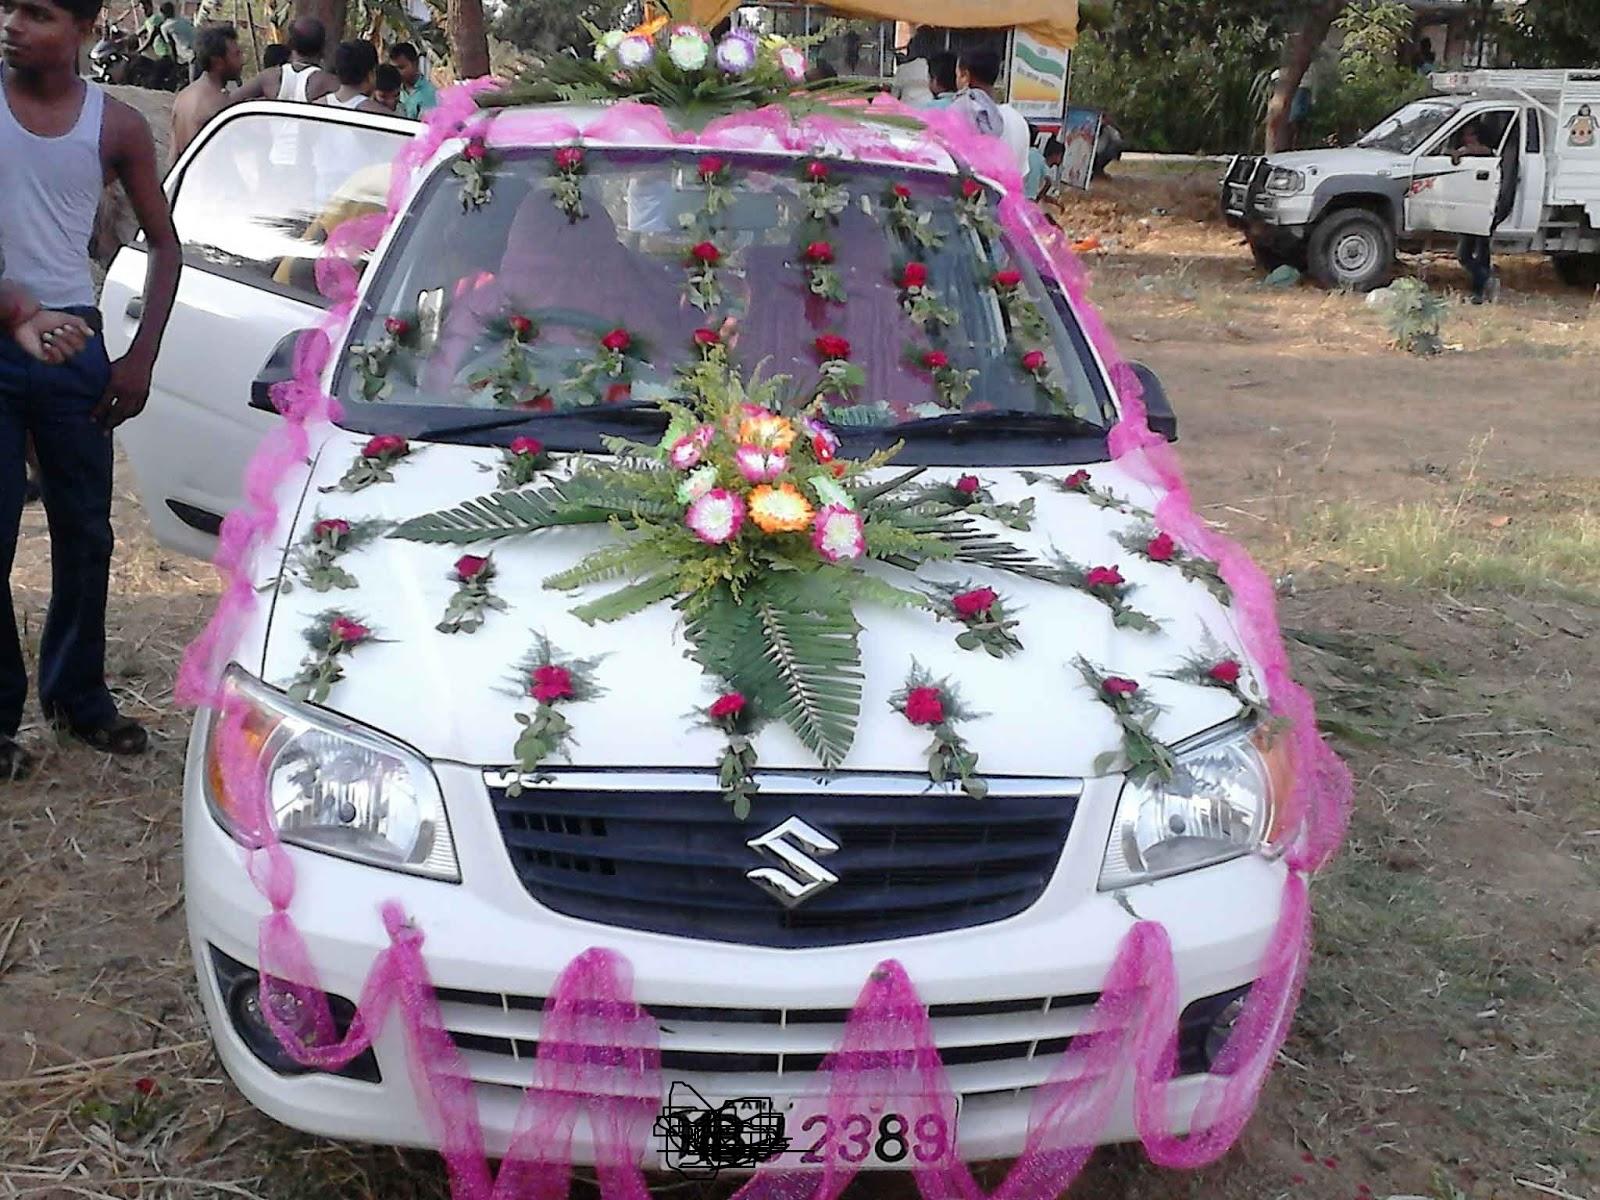 Wedding Car Decorators in Gurgaon Delhi NCR: wedding car decoration on